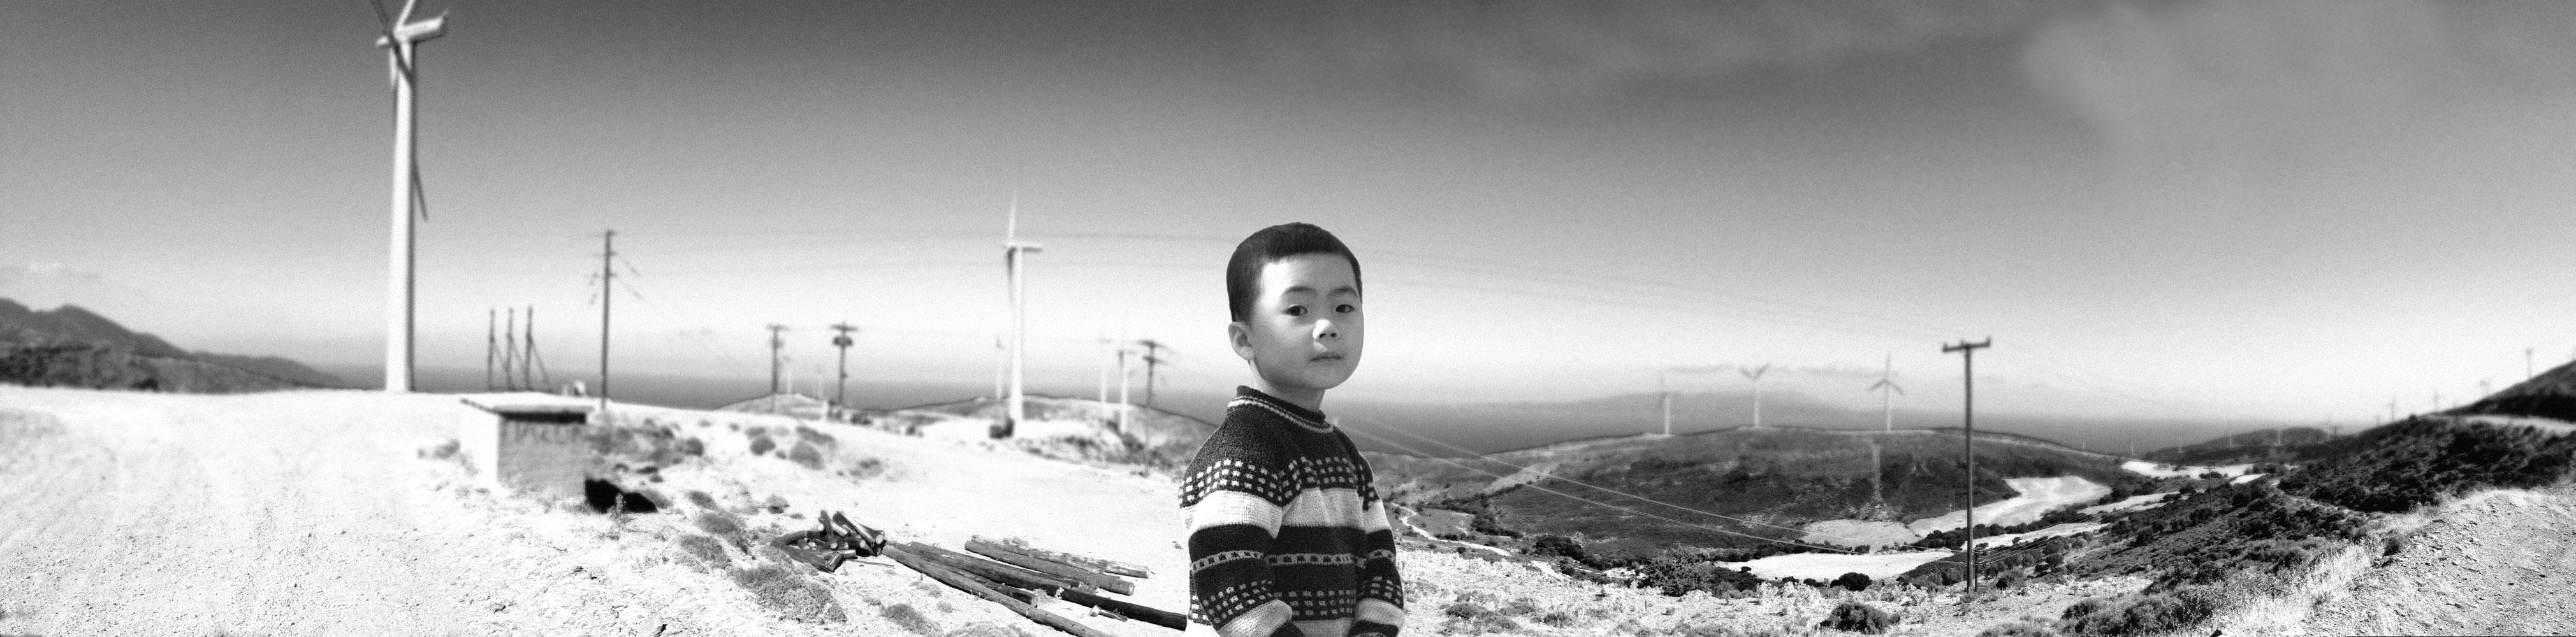 A boy - China